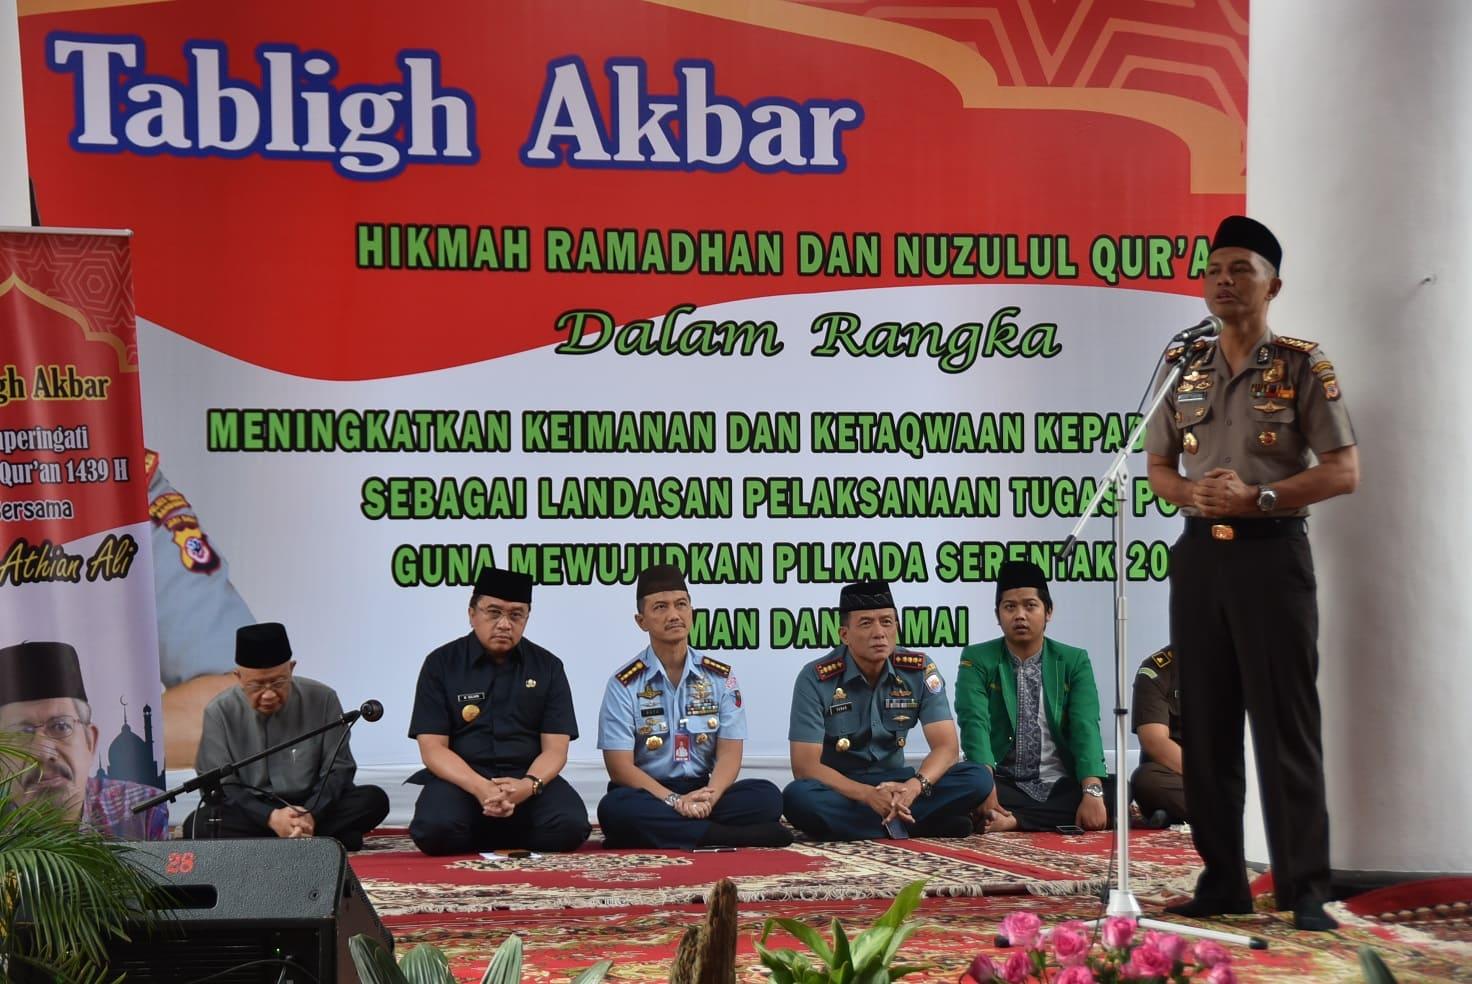 Danlanud Husein Sastranegara Hadiri Tabligh Akbar Di Polrestabes Bandung